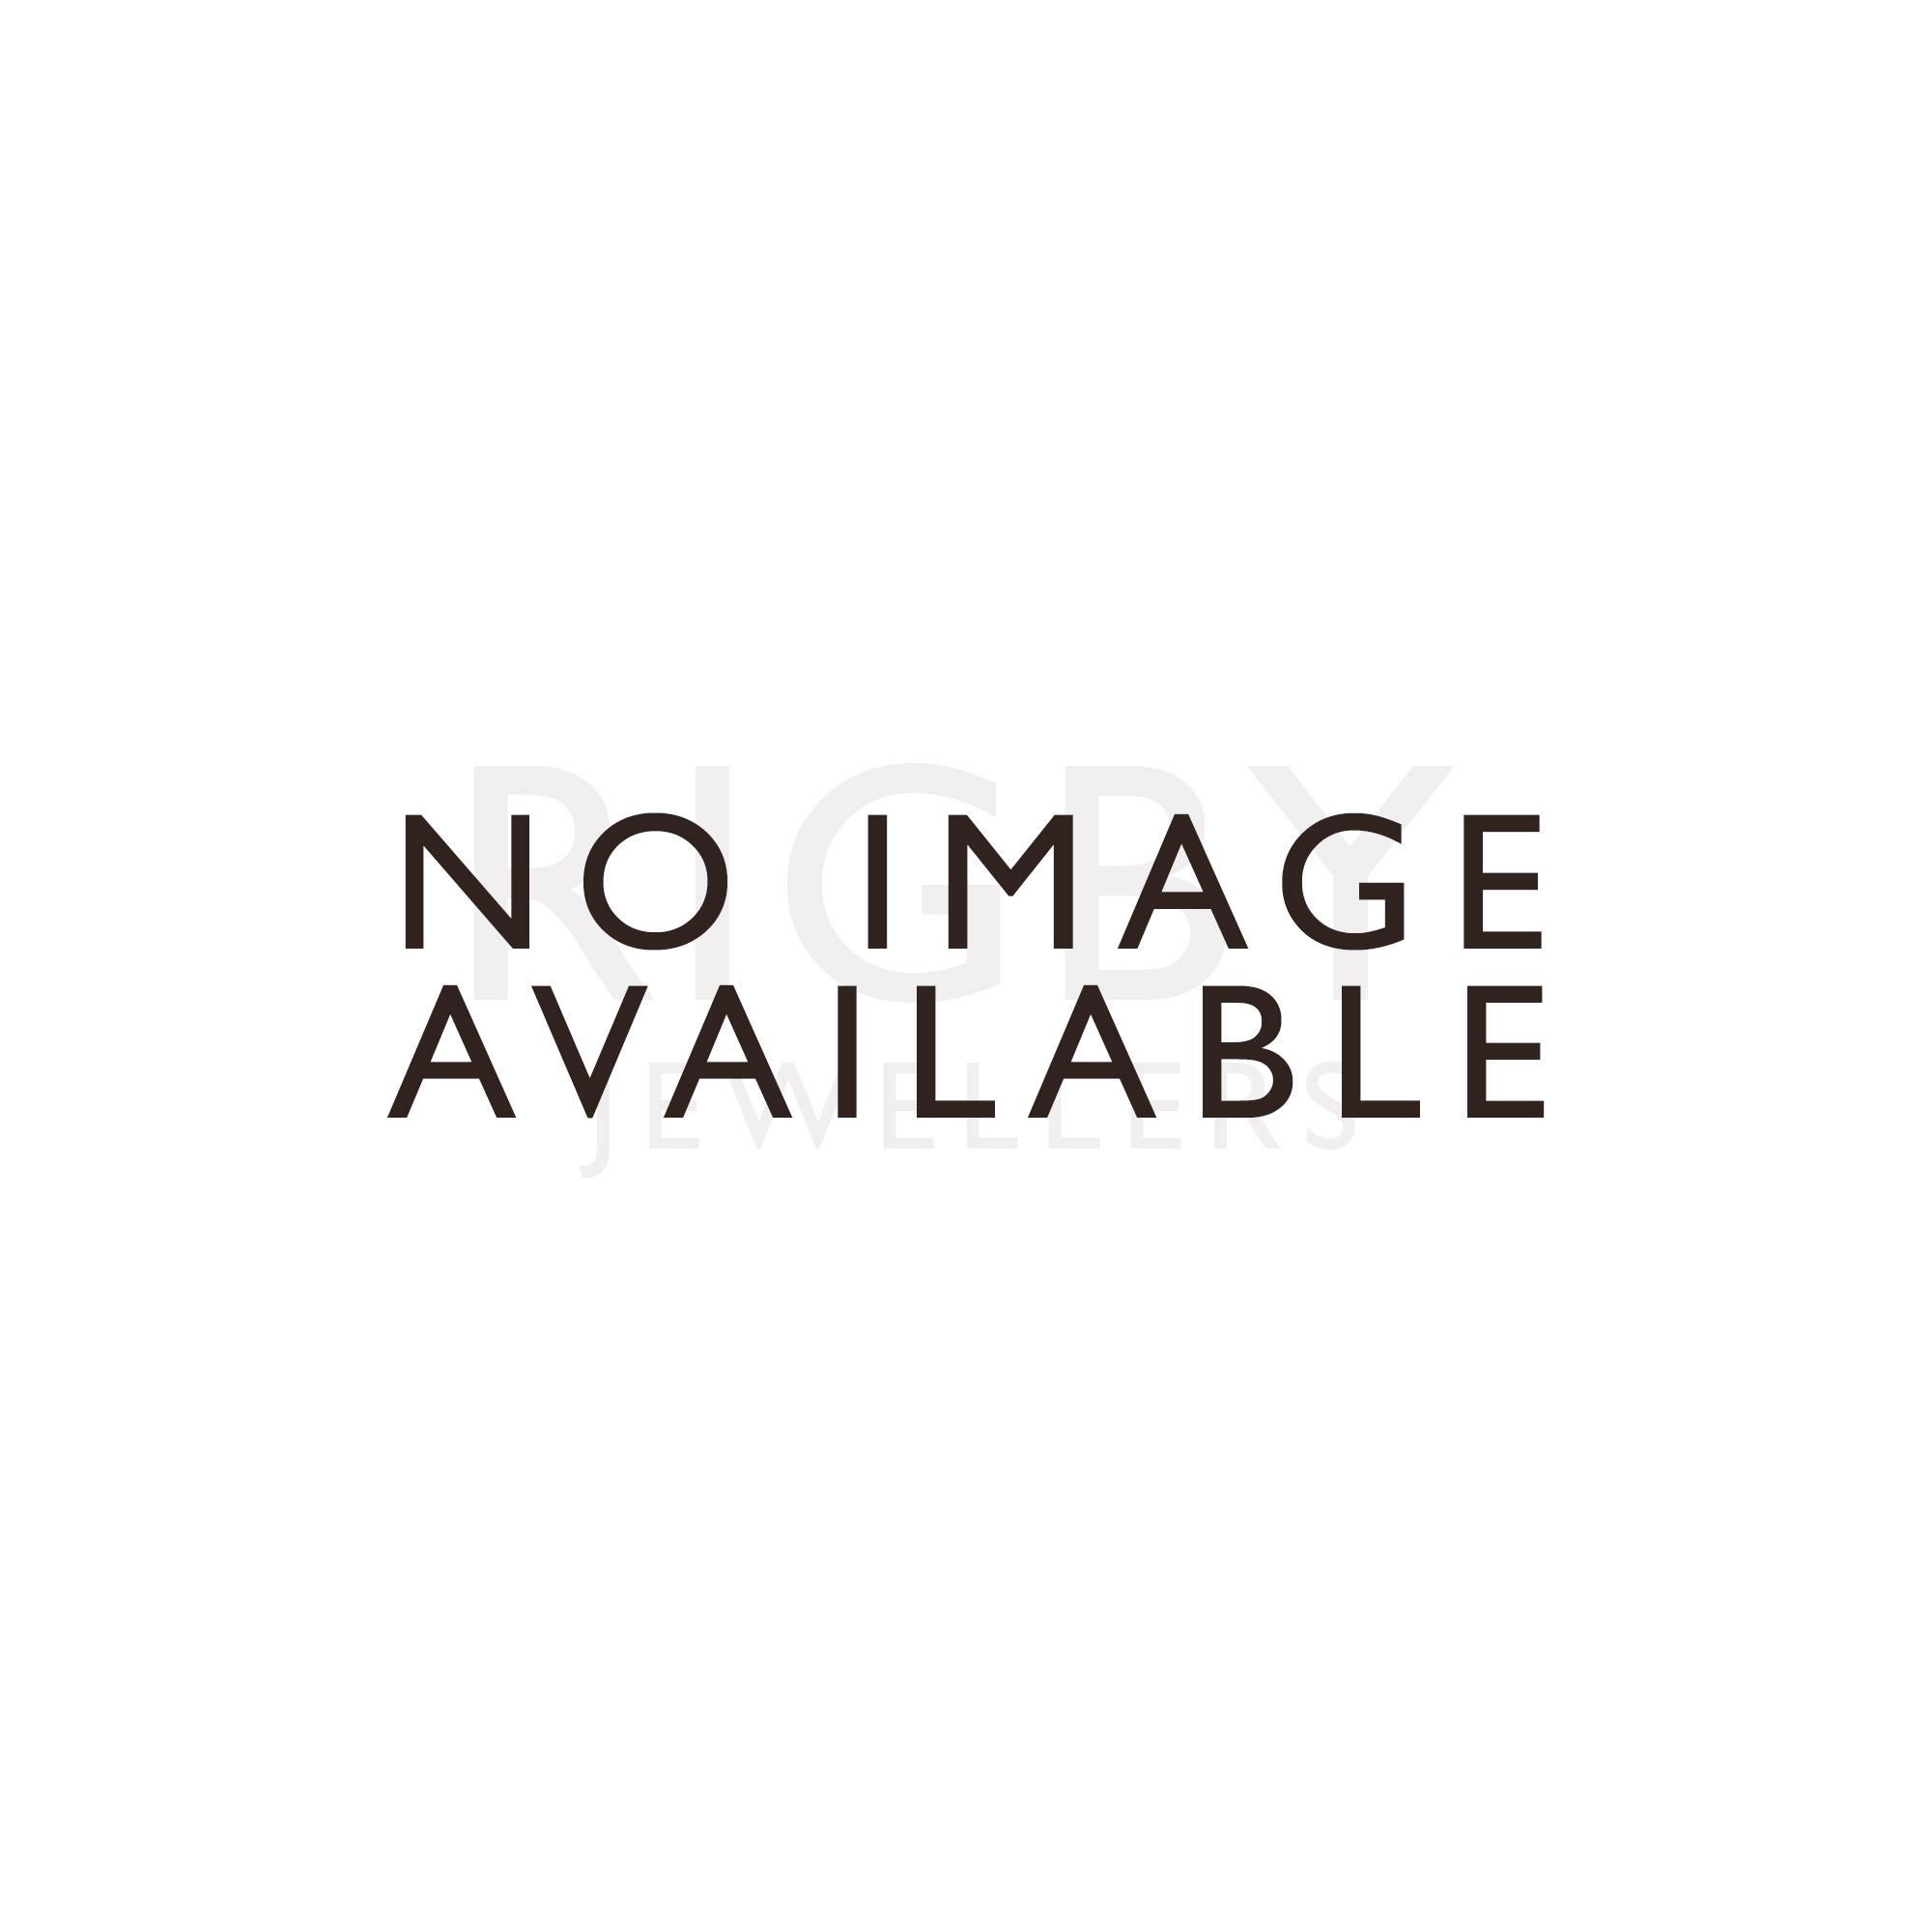 Seiko Clocks Light Wood Finish Clear Round Quartz Battery Wall Clock QXA697A